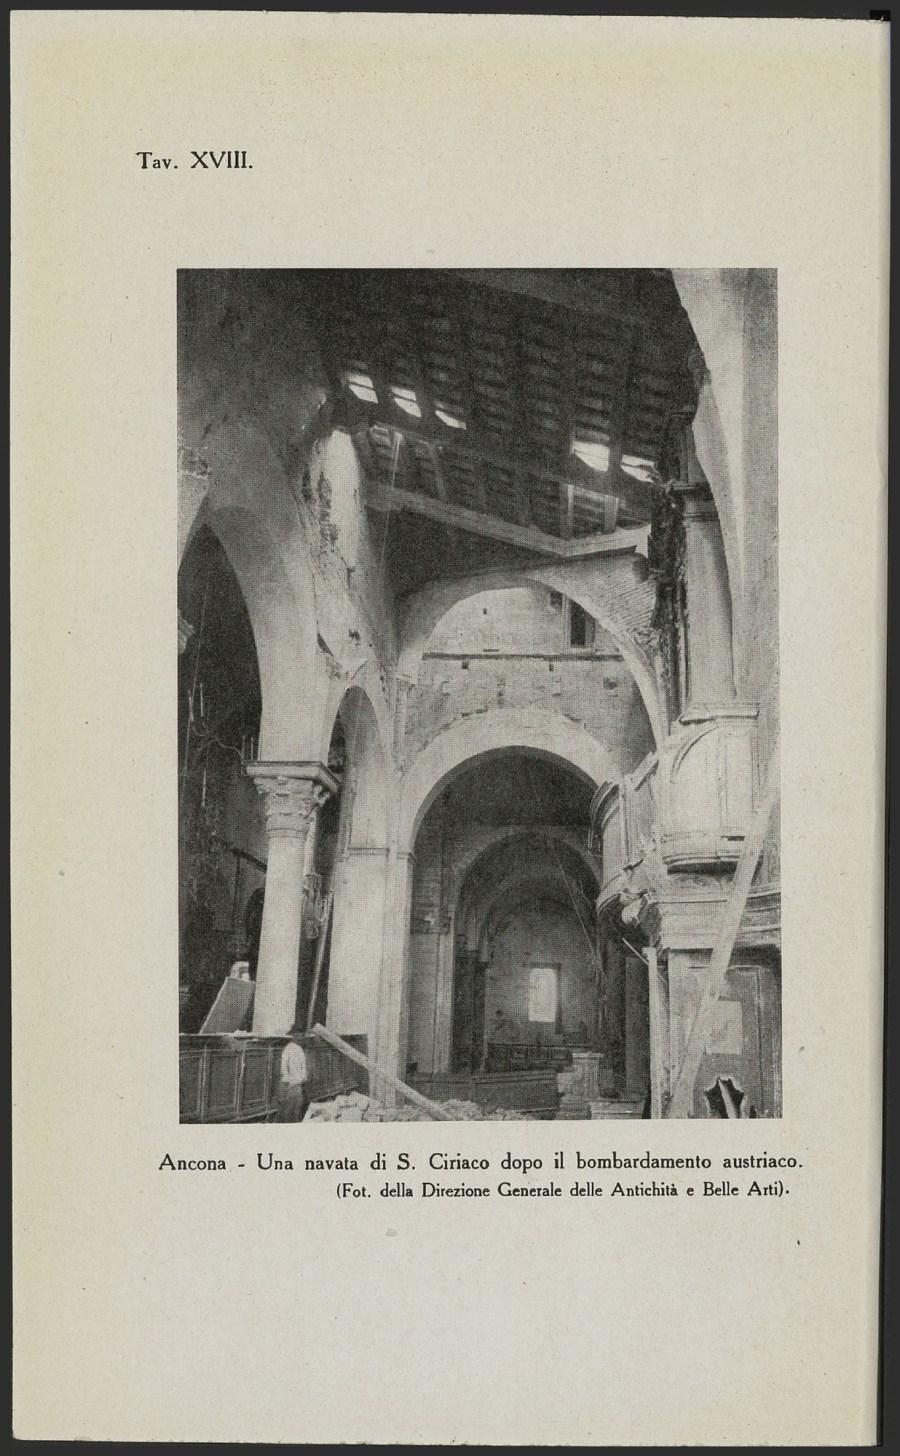 Immagine del Duomo di San Ciriaco